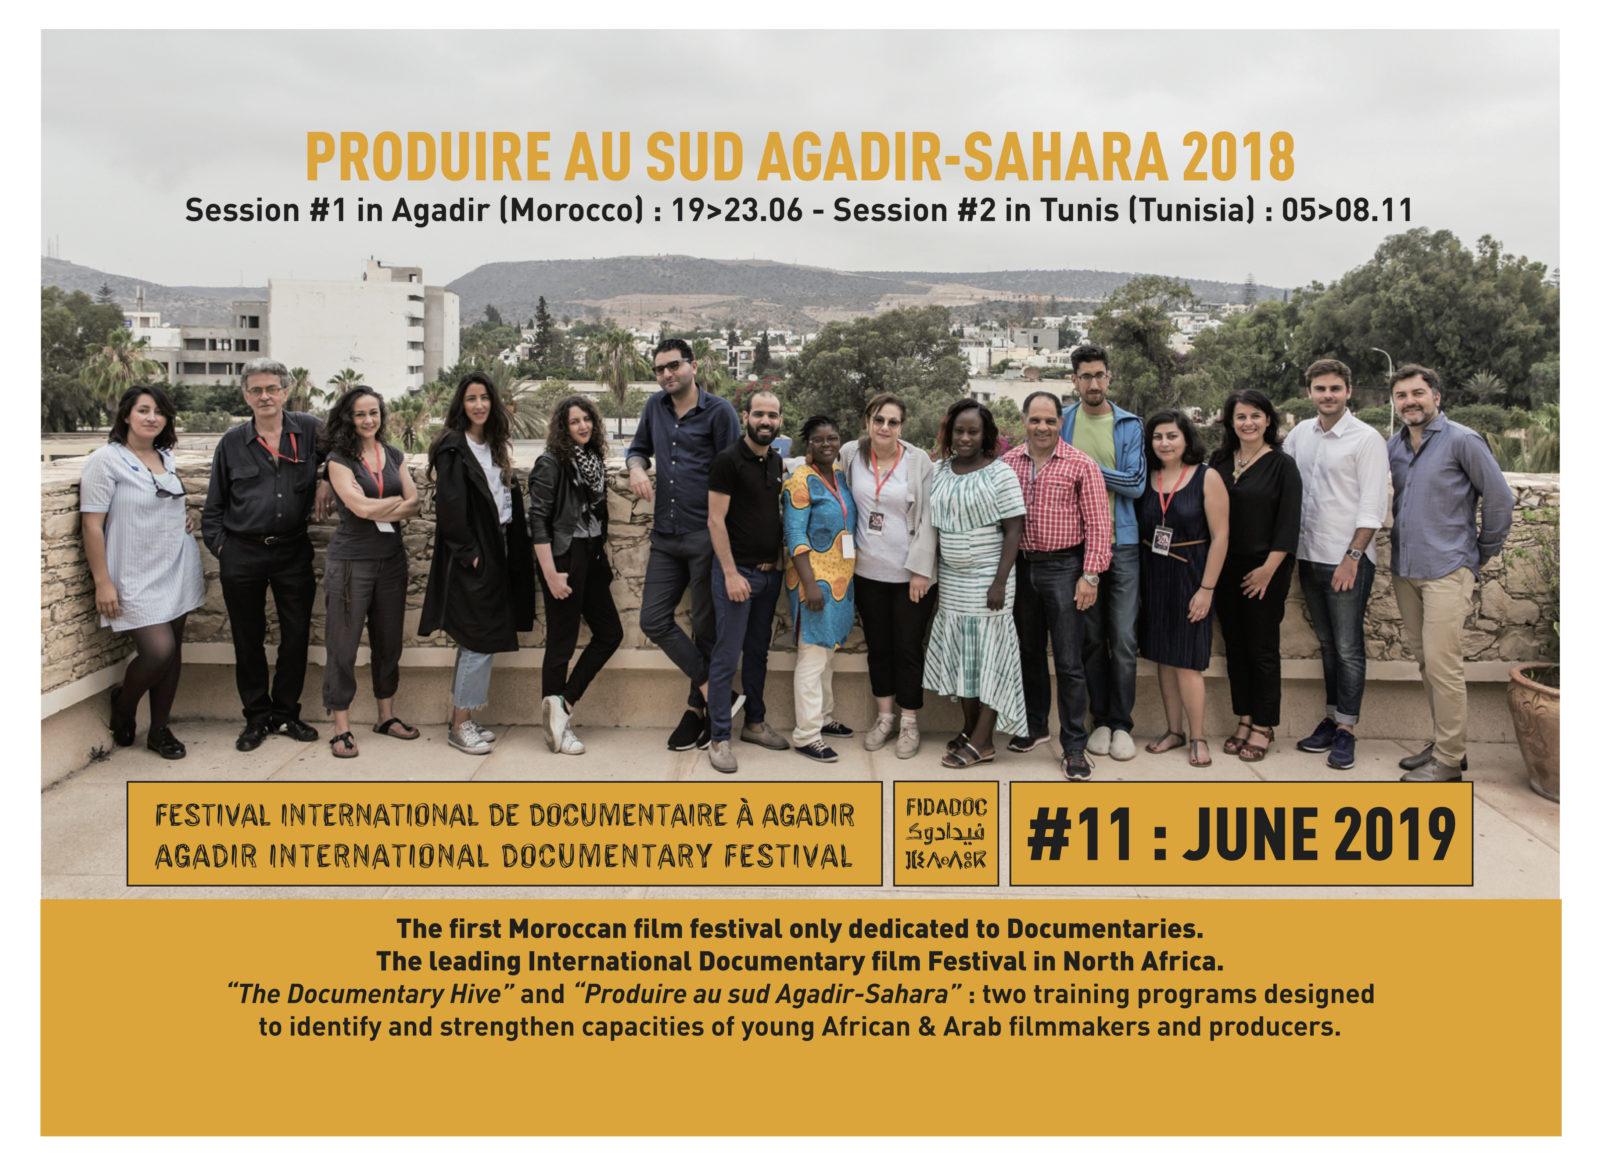 FIDADOC (Agadir - Morocco) : PAS partner since 2017